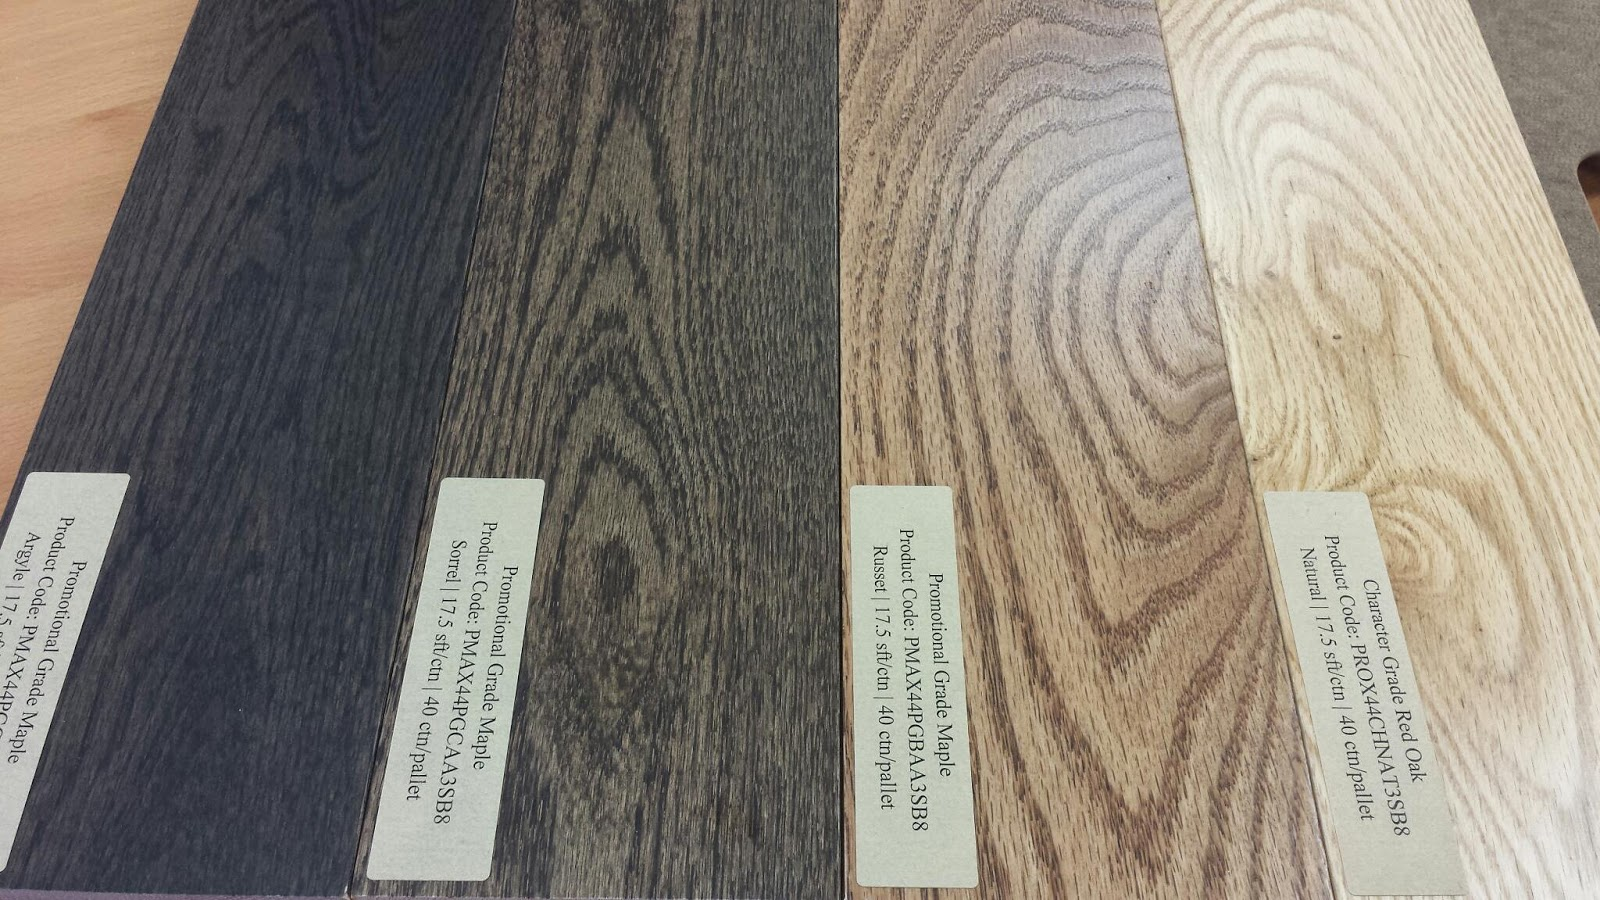 Hardwood flooring contractors nj gurus floor for Wood floor contractors